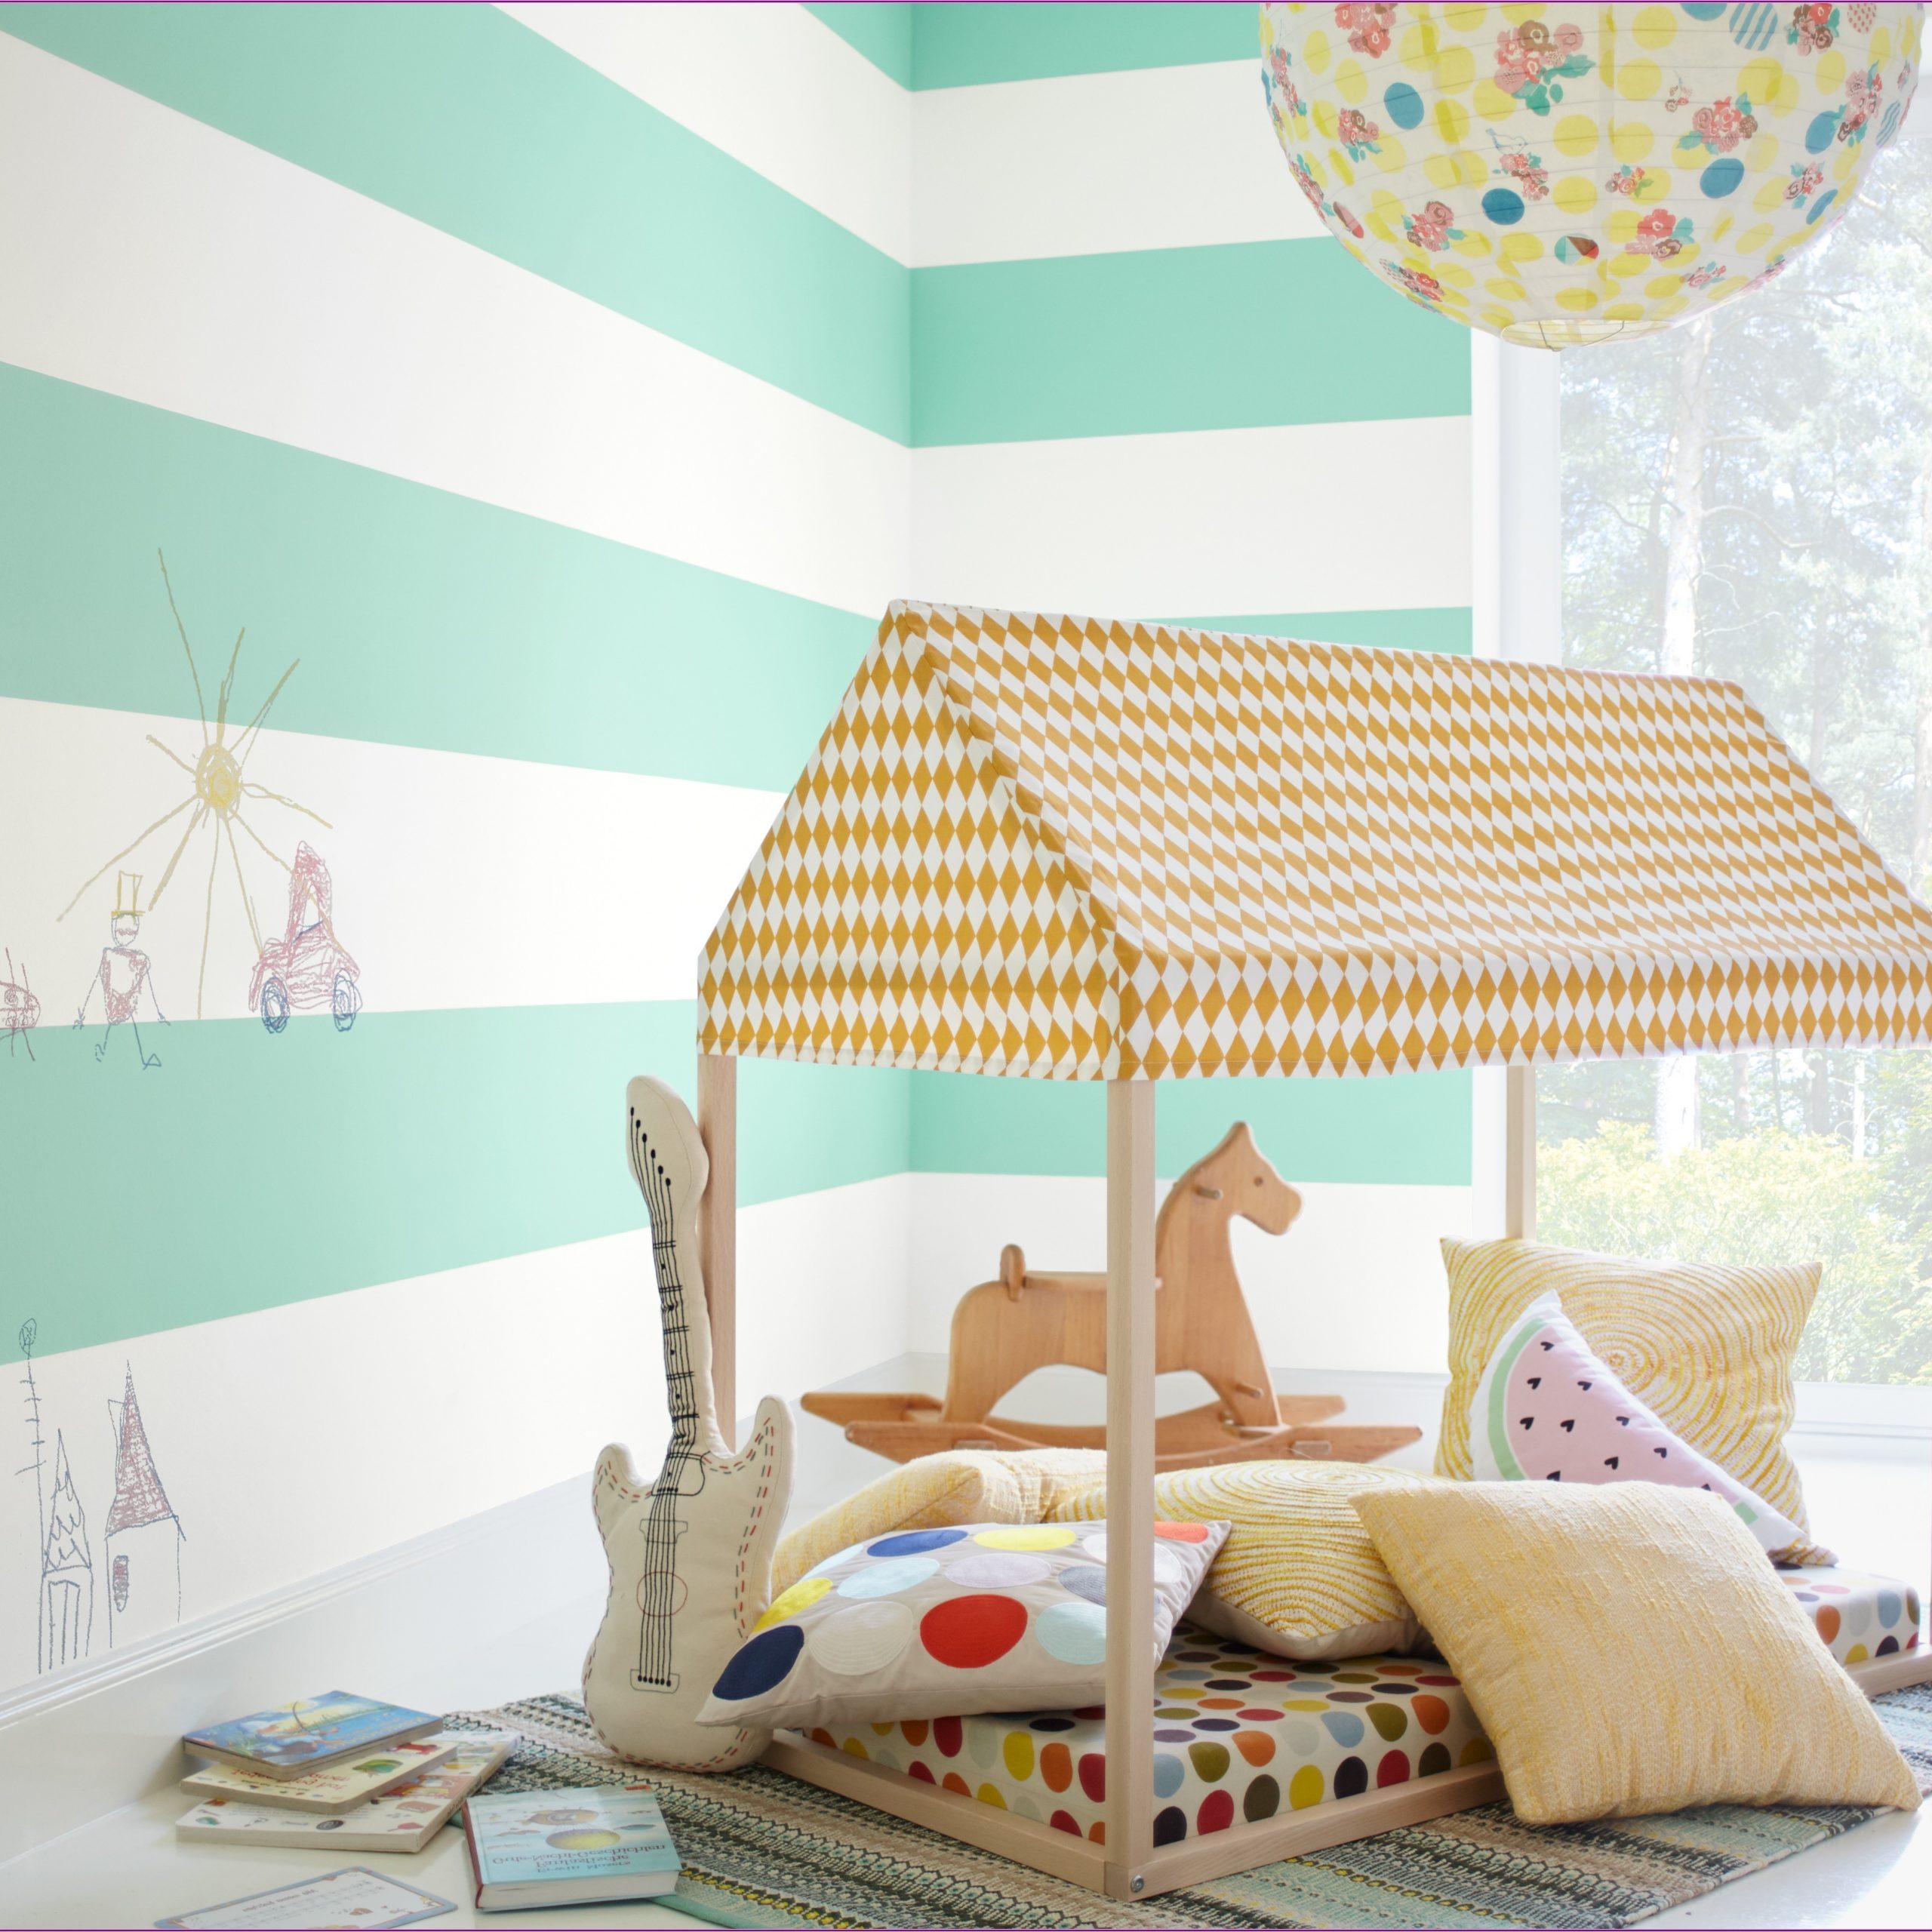 Spezielle Wandfarbe Für Kinderzimmer